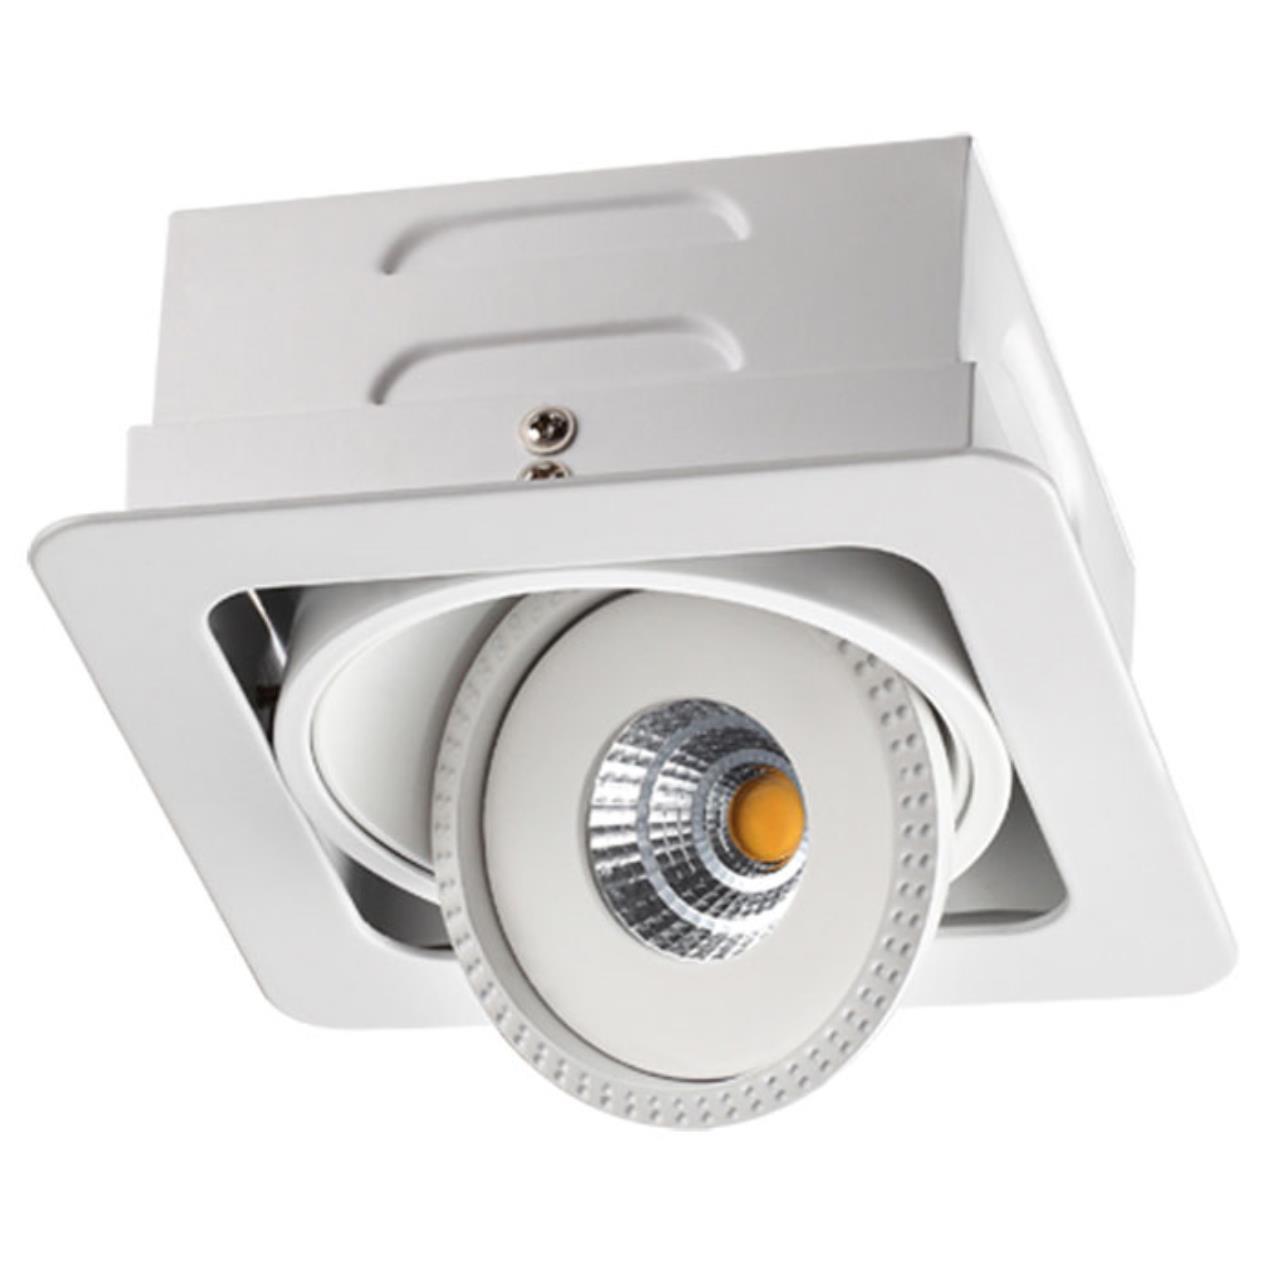 Ввстраиваемый светодиодный светильник NOVOTECH GESSO 357577